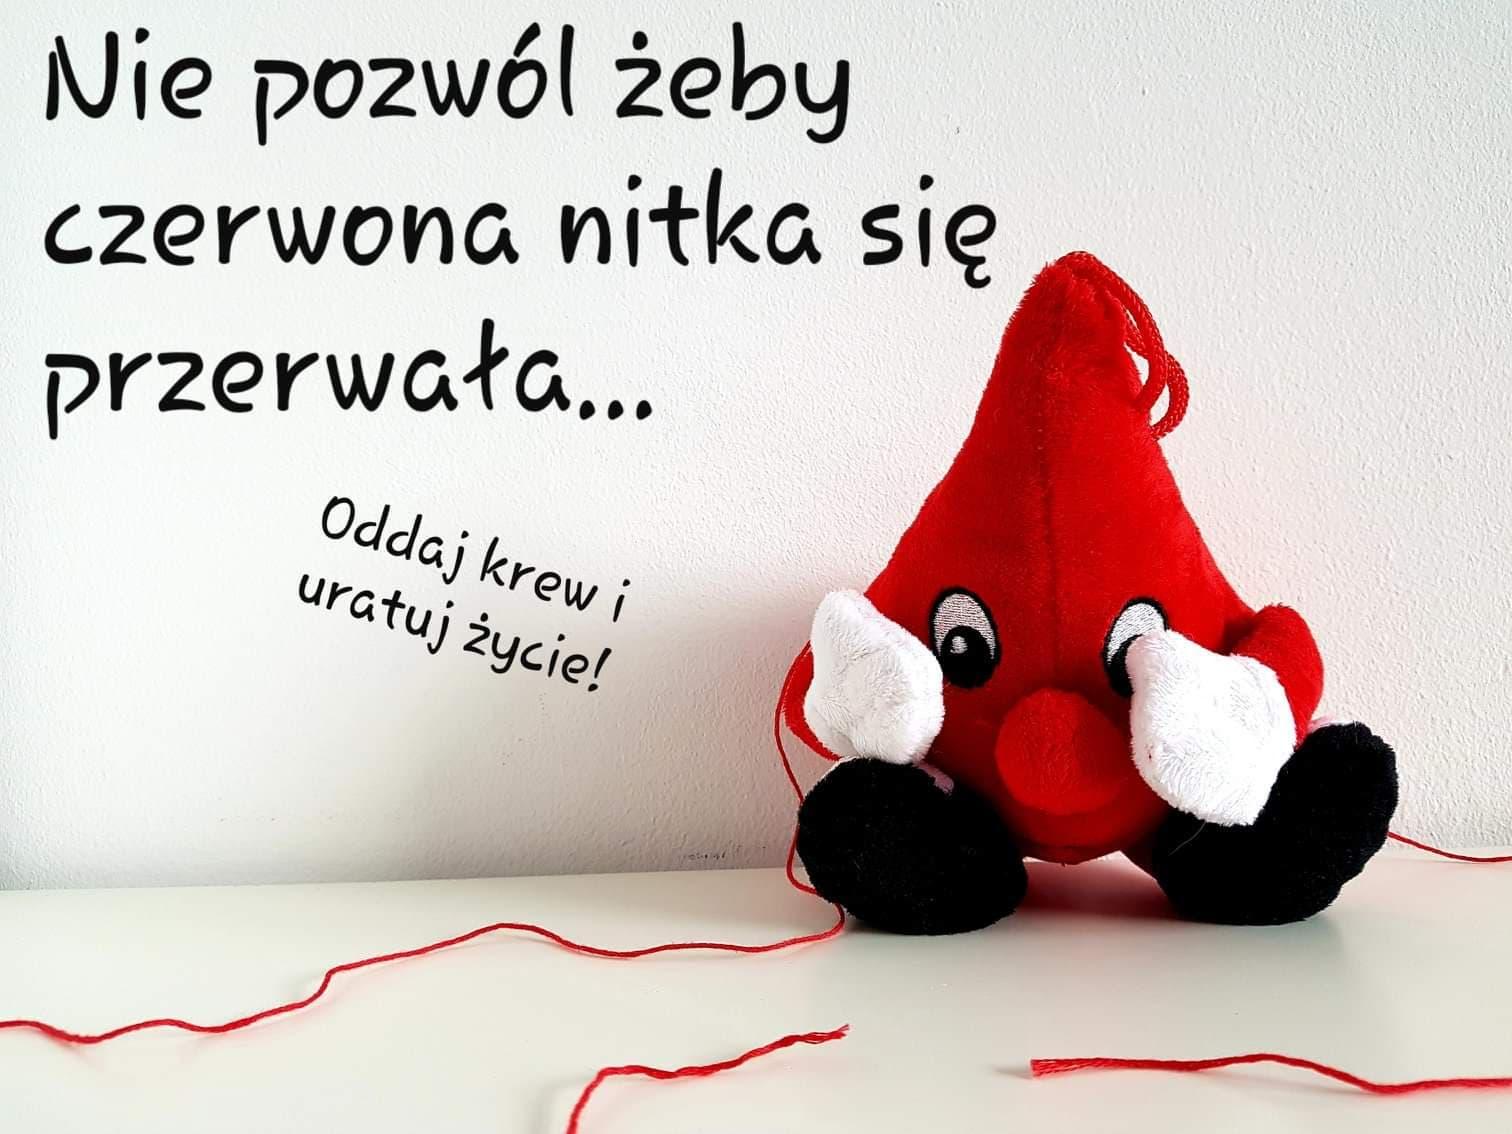 W środę Krewniacy Kotarbina będą oddawać krew